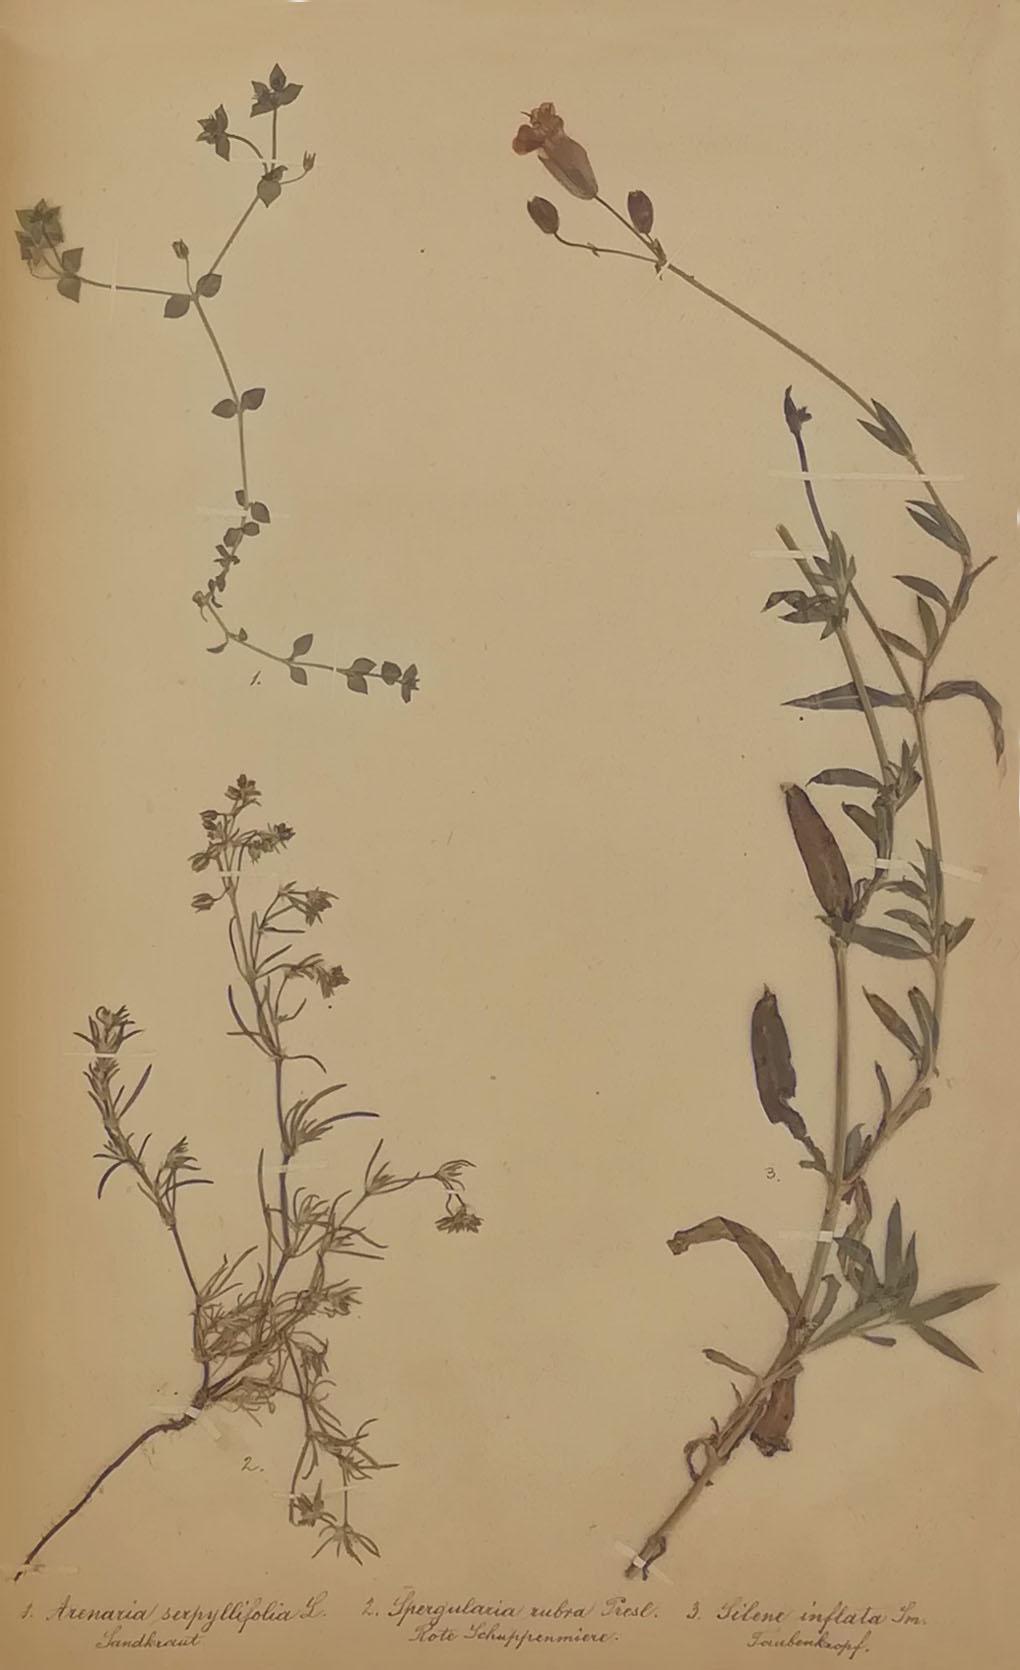 Erbario di Tullio Castellani pagina 37 | Arenaria Serpyllifolia L - Spergularia Rubra e Silene Inflata | Fondazione Tullio Castellani